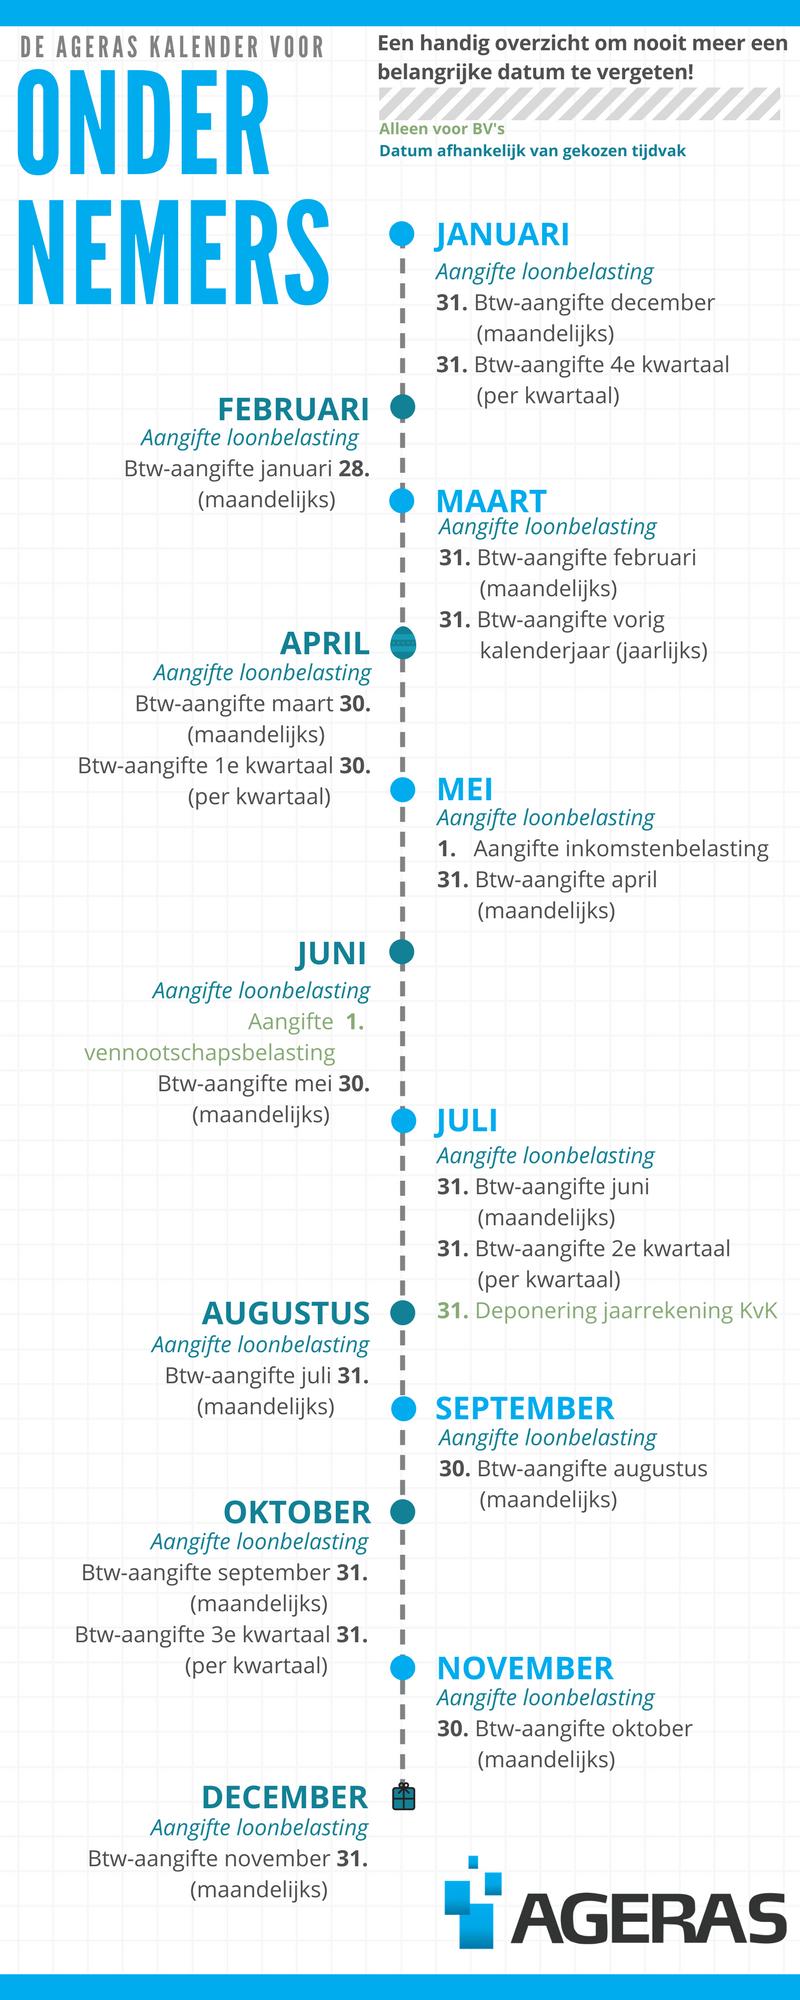 Ageras kalender voor ondernemers